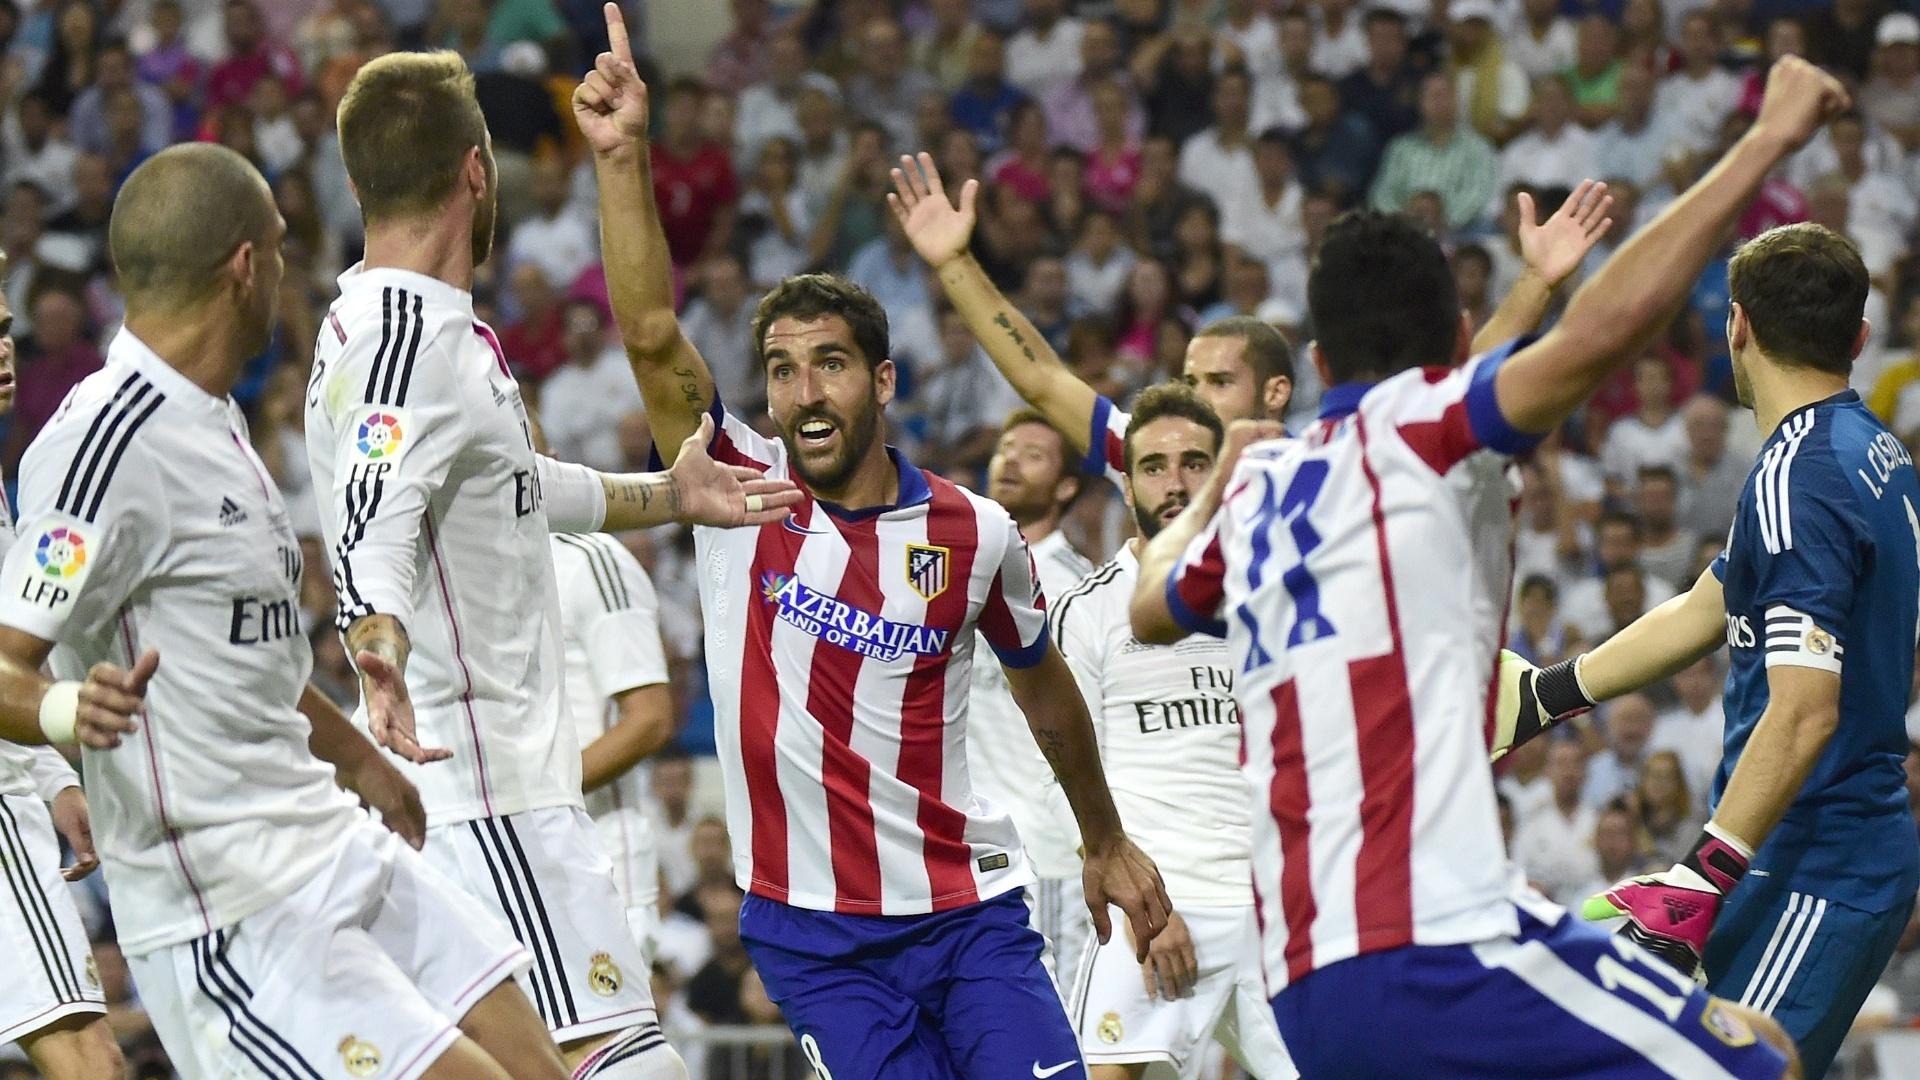 Raul Garcia (centro) comemora ao marcar o gol de empate do Atlético de Madrid na Supercopa